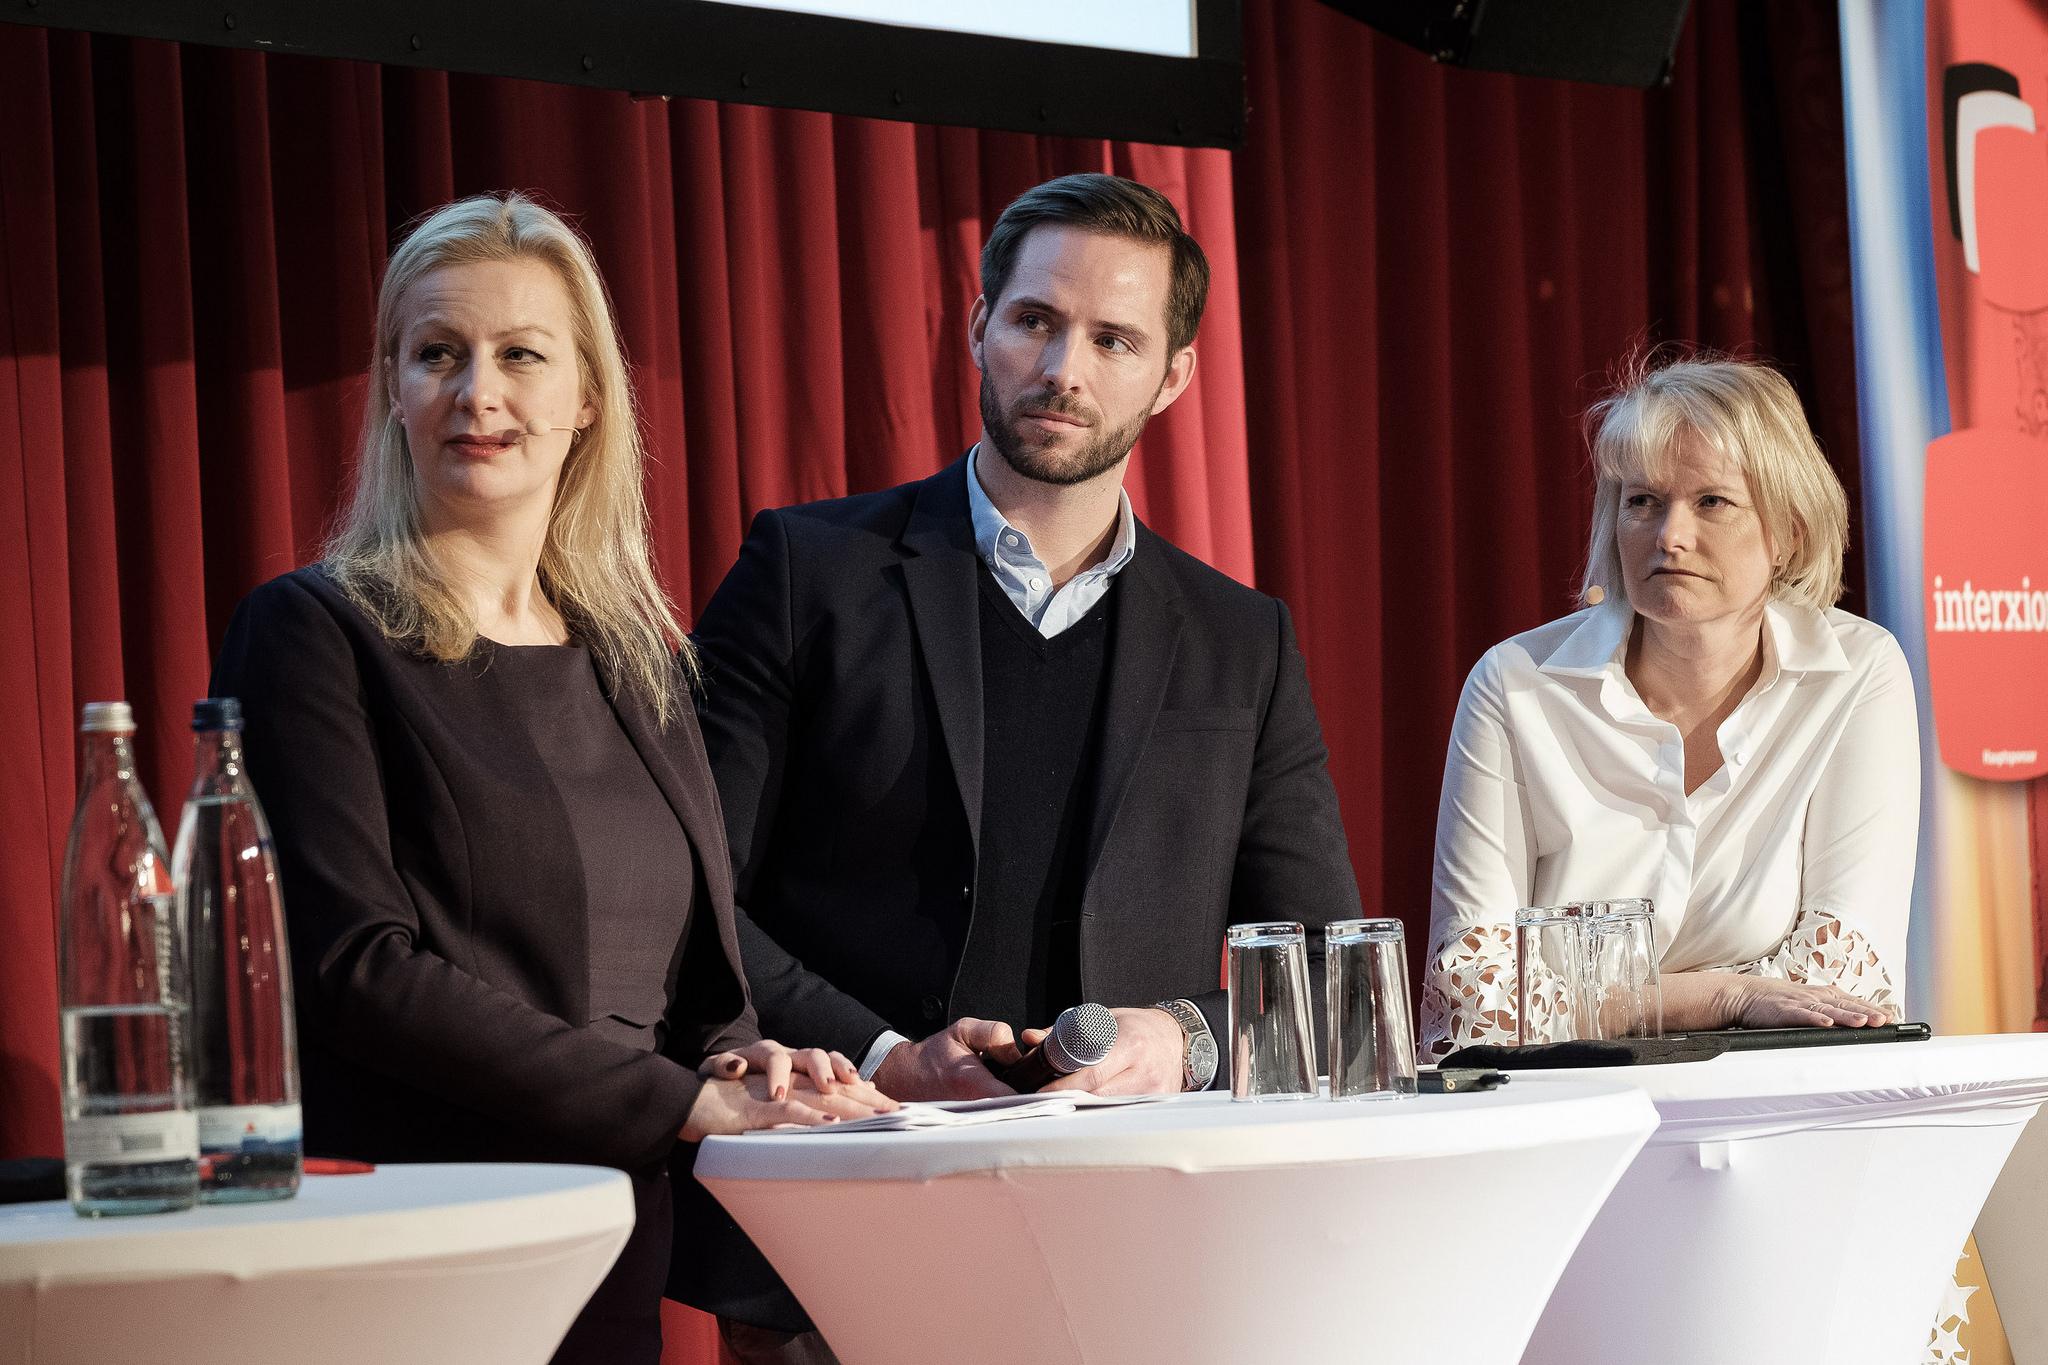 eco://kongress & eco:awards: Gemeinsam die digitale Zukunft gestalten 18